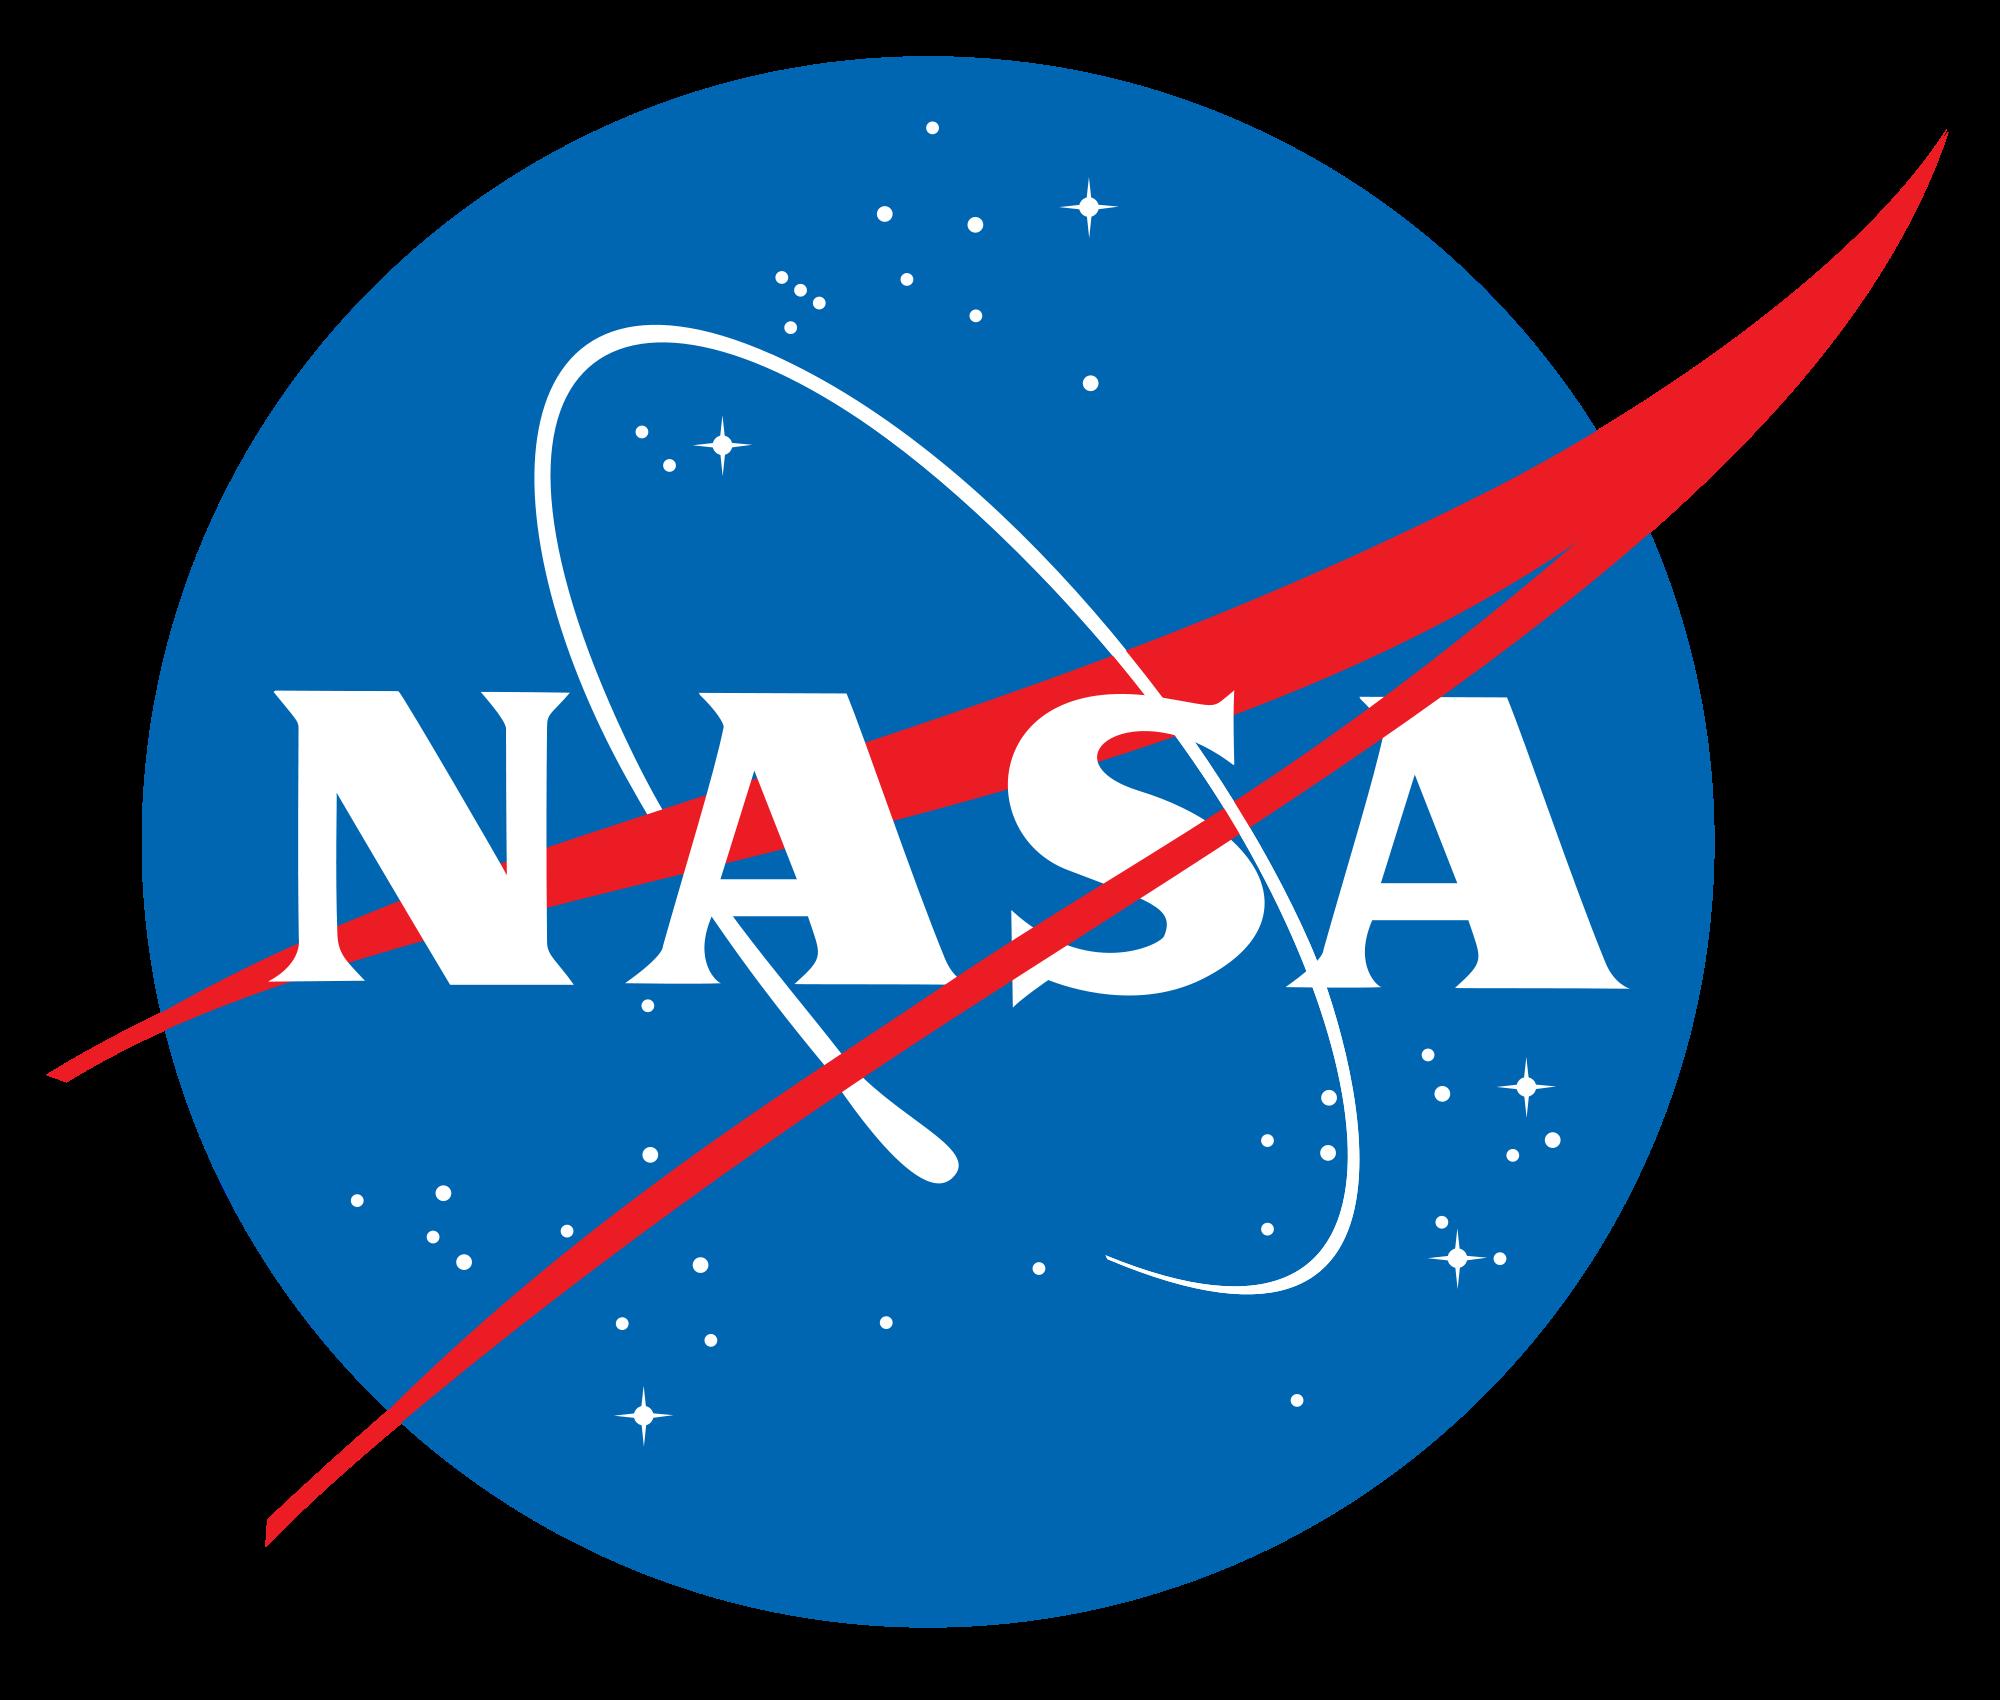 NASA PNG Image | Nasa logo, Nasa, Nasa employees